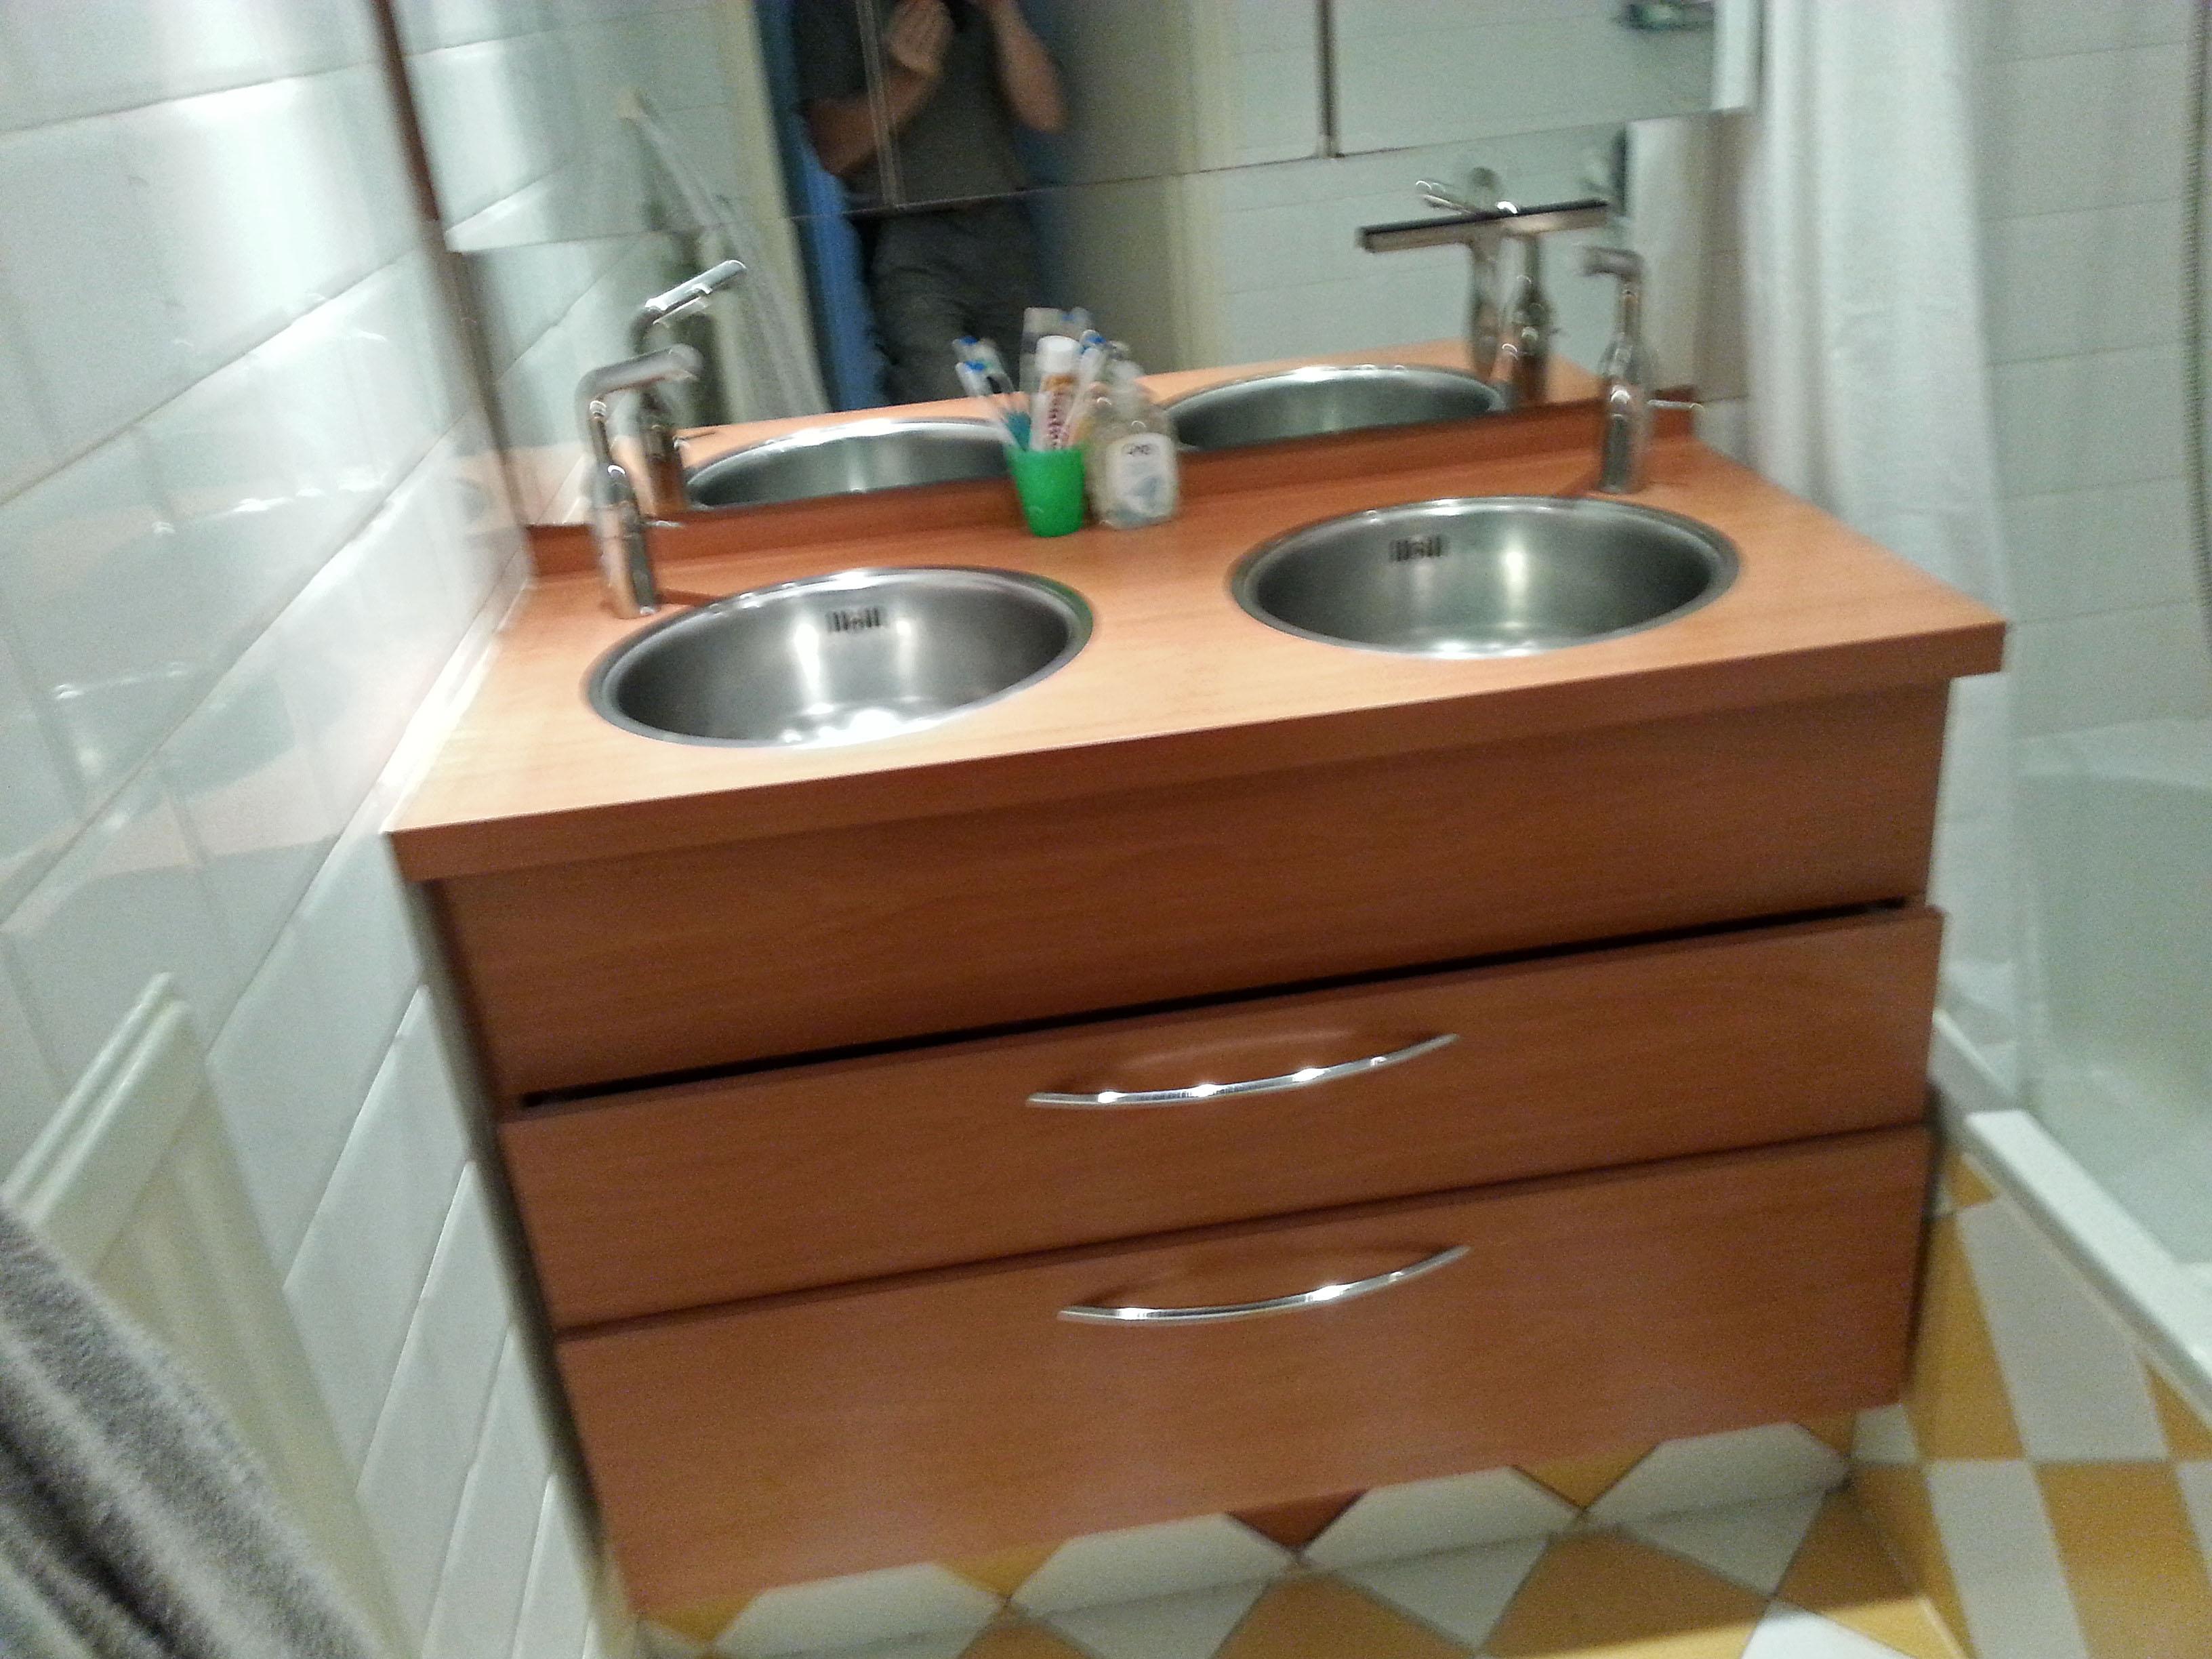 Renovatie Badkamer Tegels : Kleine badkamer grote tegels beterbert klusbedrijf